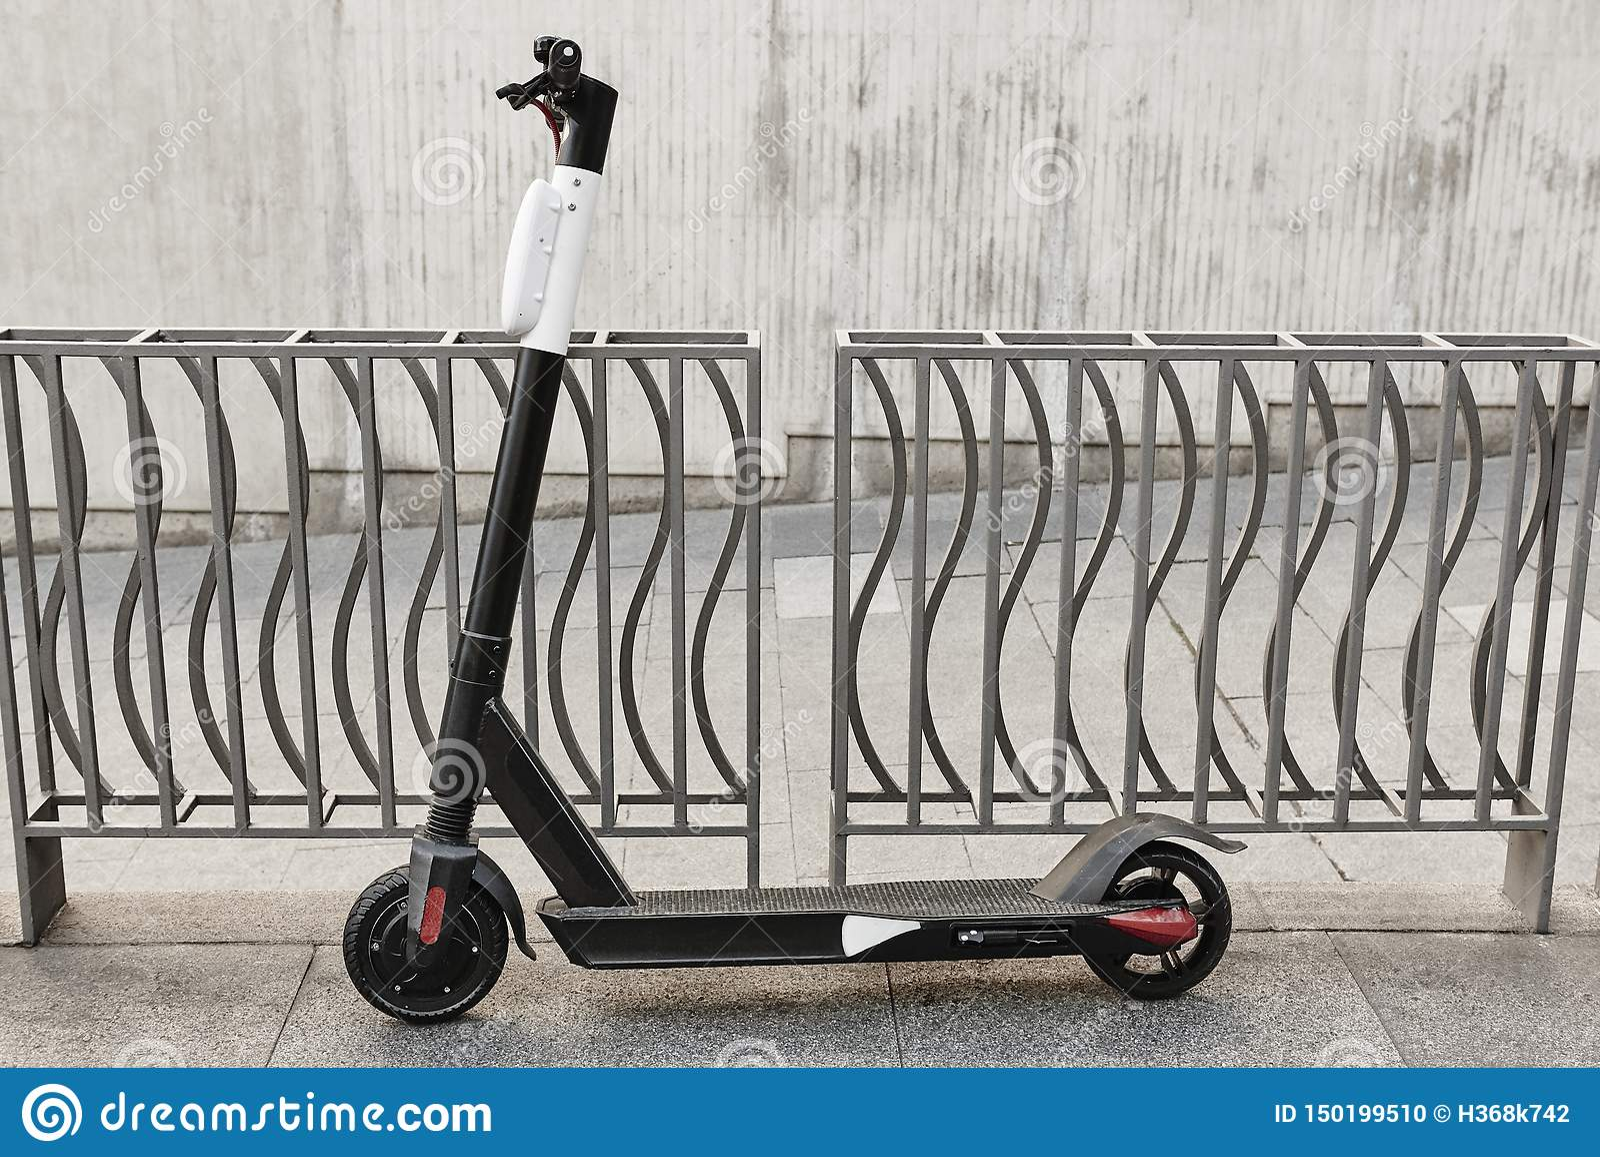 Mobilidade urbana sustentável  trotinette  na cidade Transporte el?trico